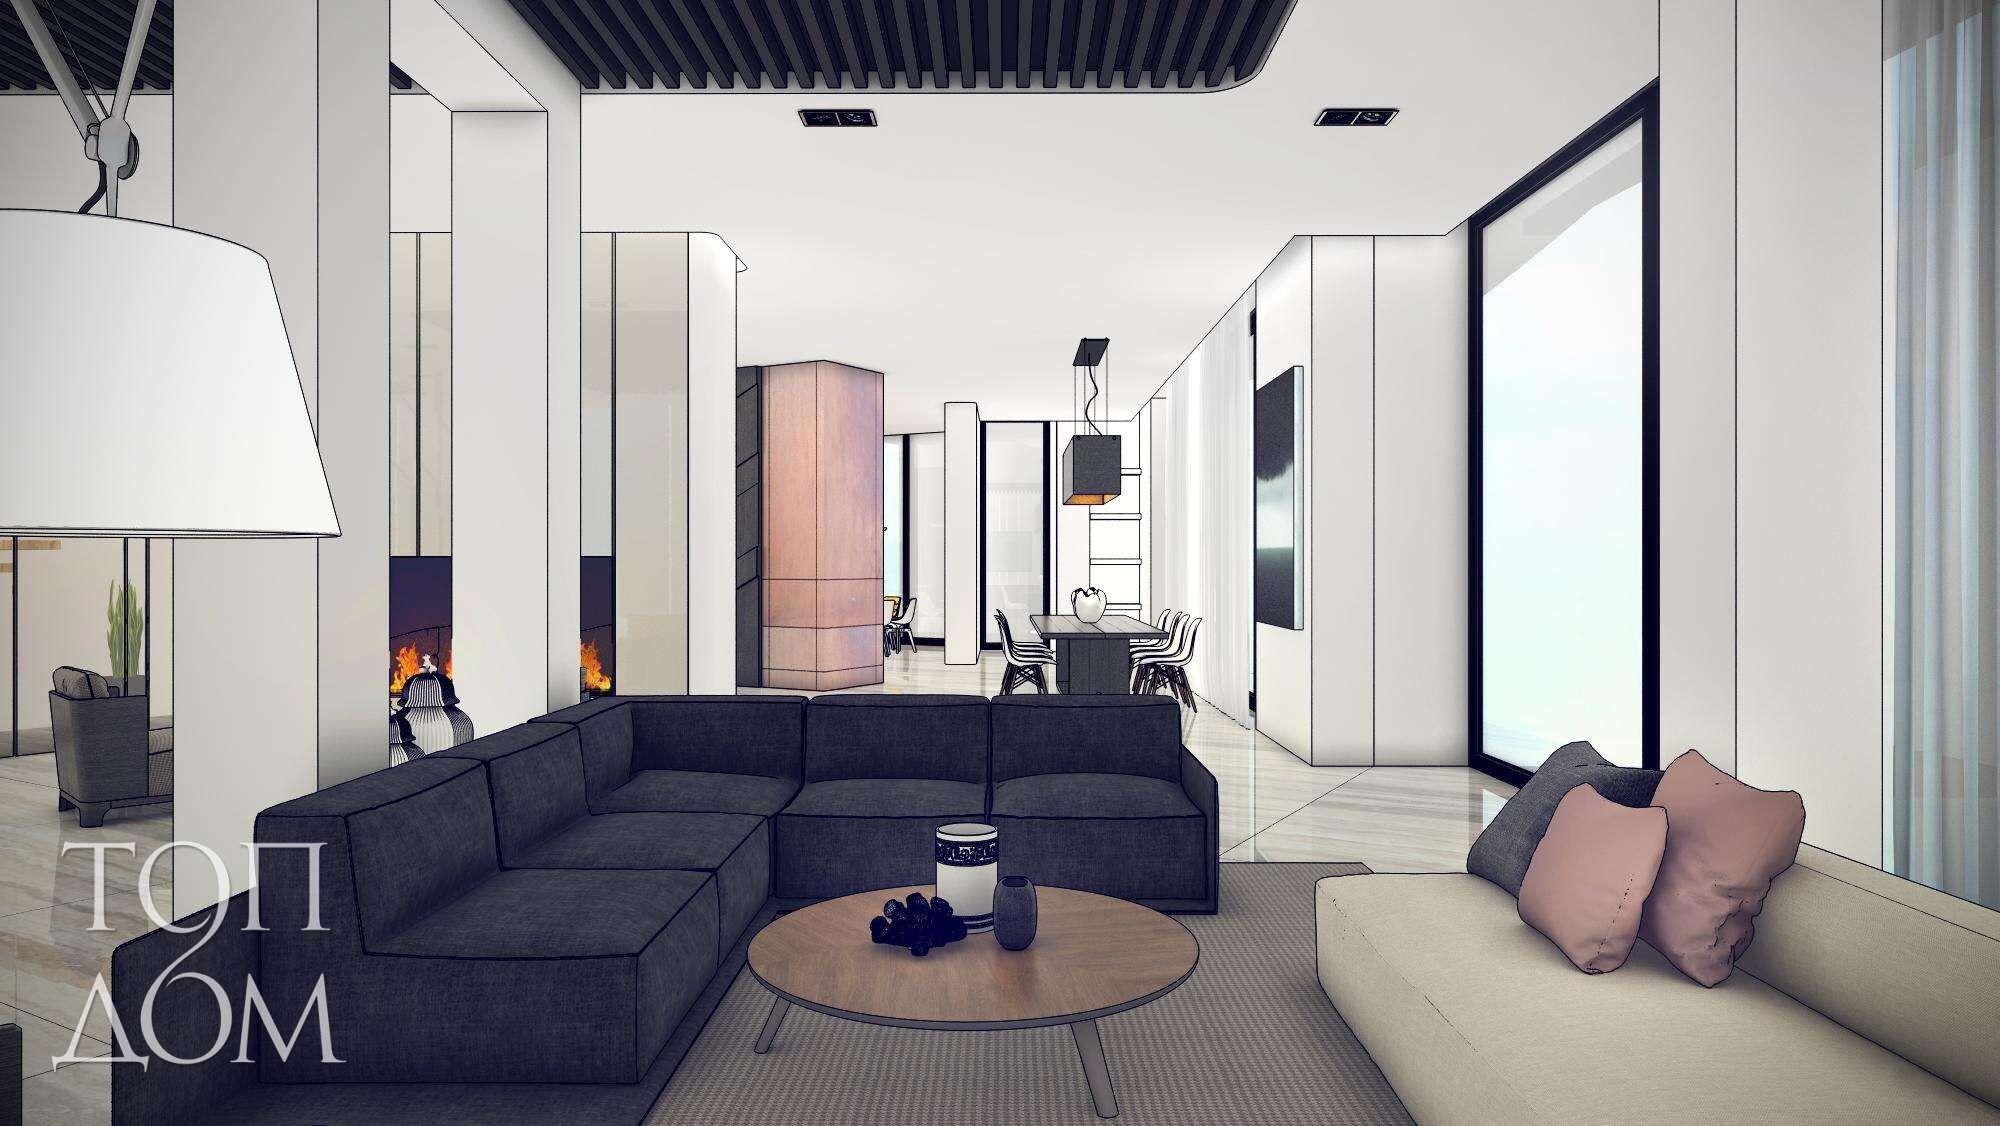 tiefen graustufen machen dieses master schlafzimmer aussehen maskulin und elegant 53 hauptschlafzimmer mit grauen wnden pinterest - Masterschlafzimmerdesignplne